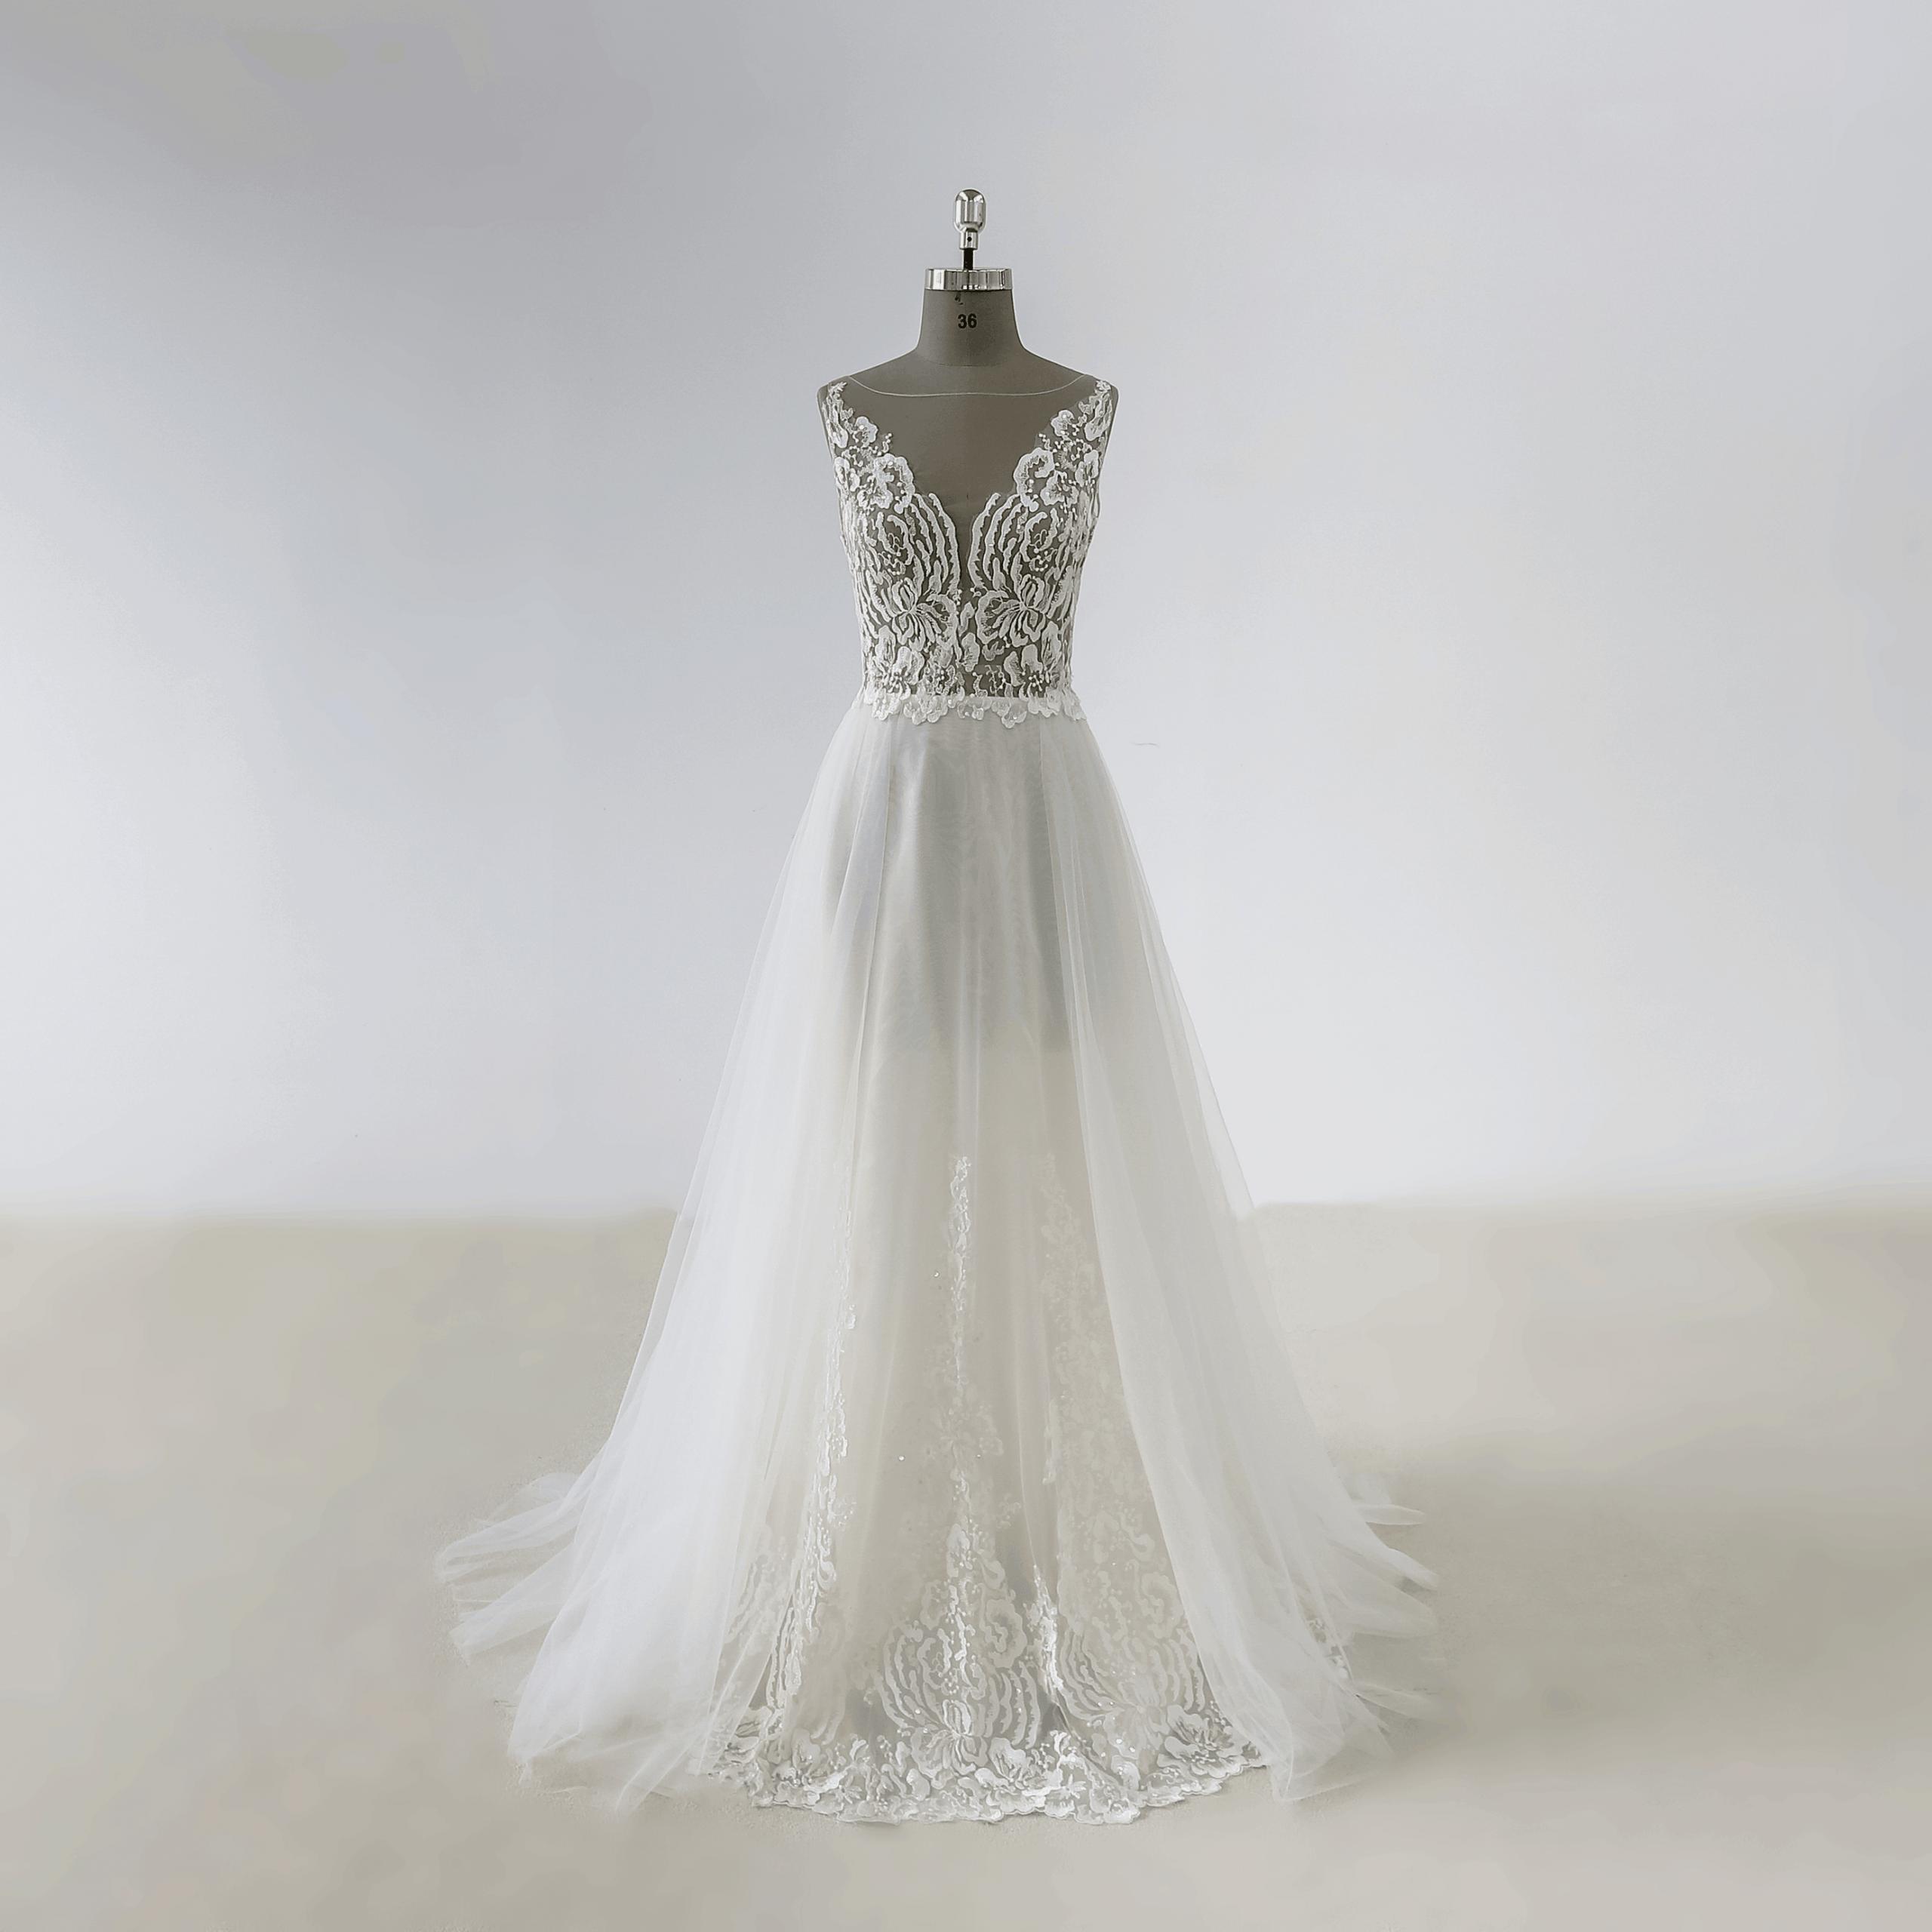 Brautkleid Hochzeitskleid Weiß nach Mass alle Größe Kleidung nach maß